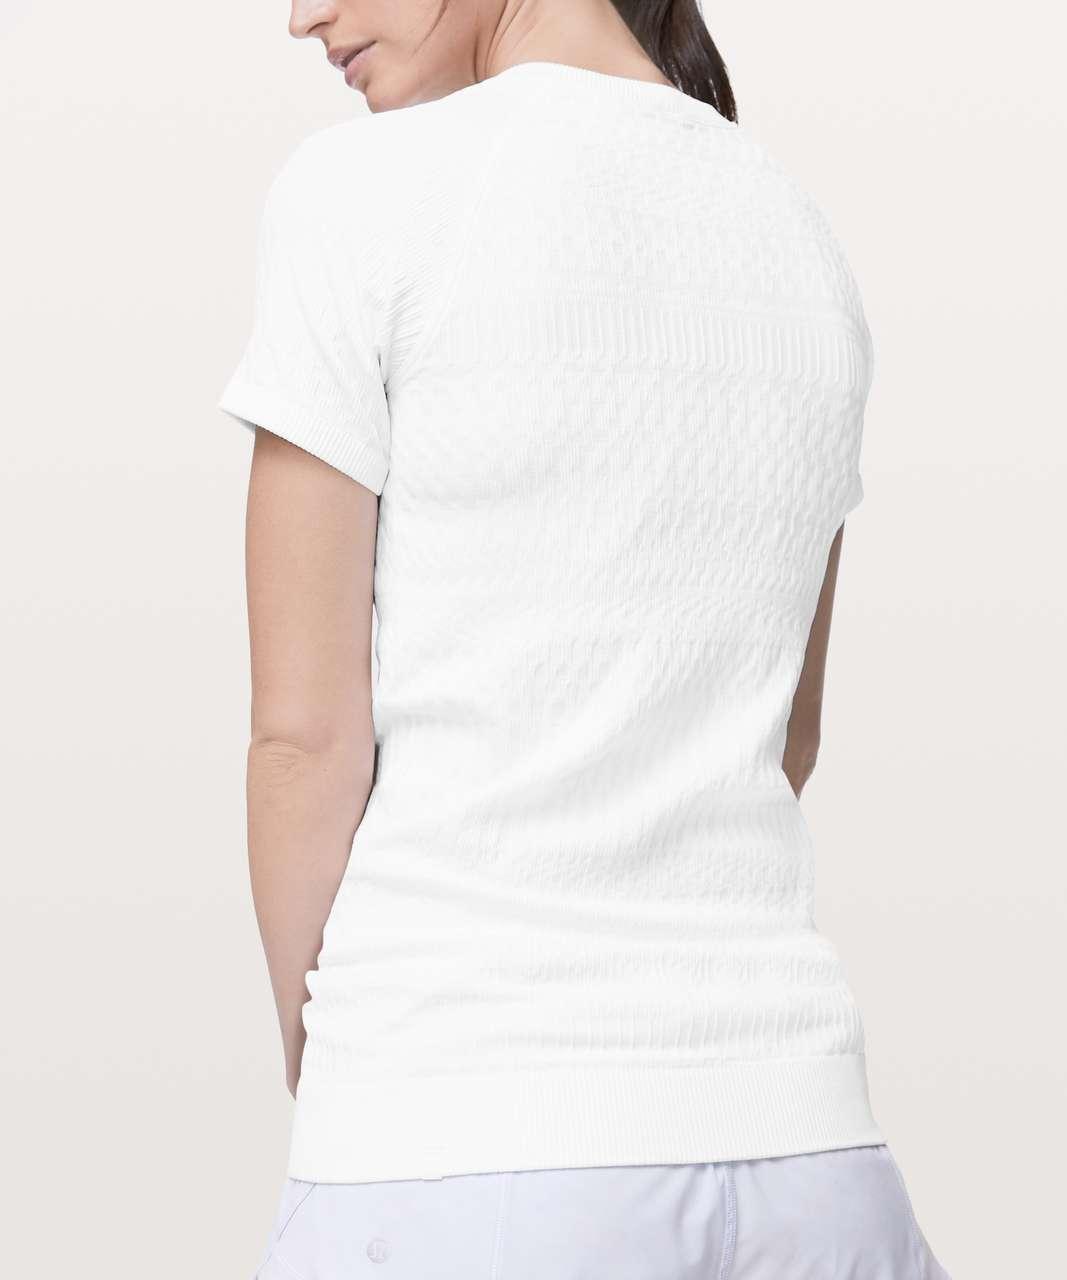 Lululemon Rest Less Short Sleeve - White / White